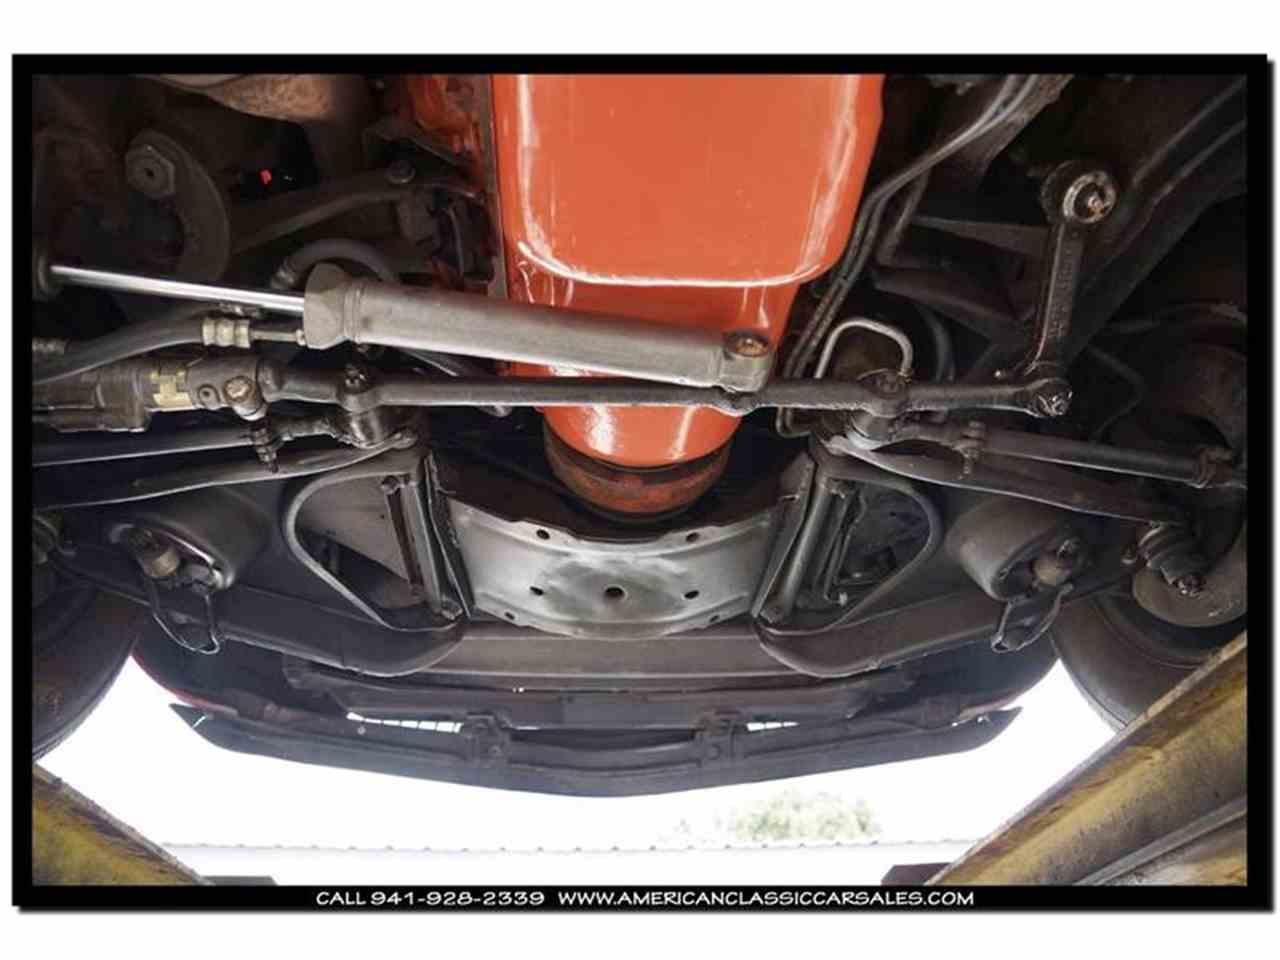 Large Picture of '72 Chevrolet Corvette - $39,590.00 - FXP2